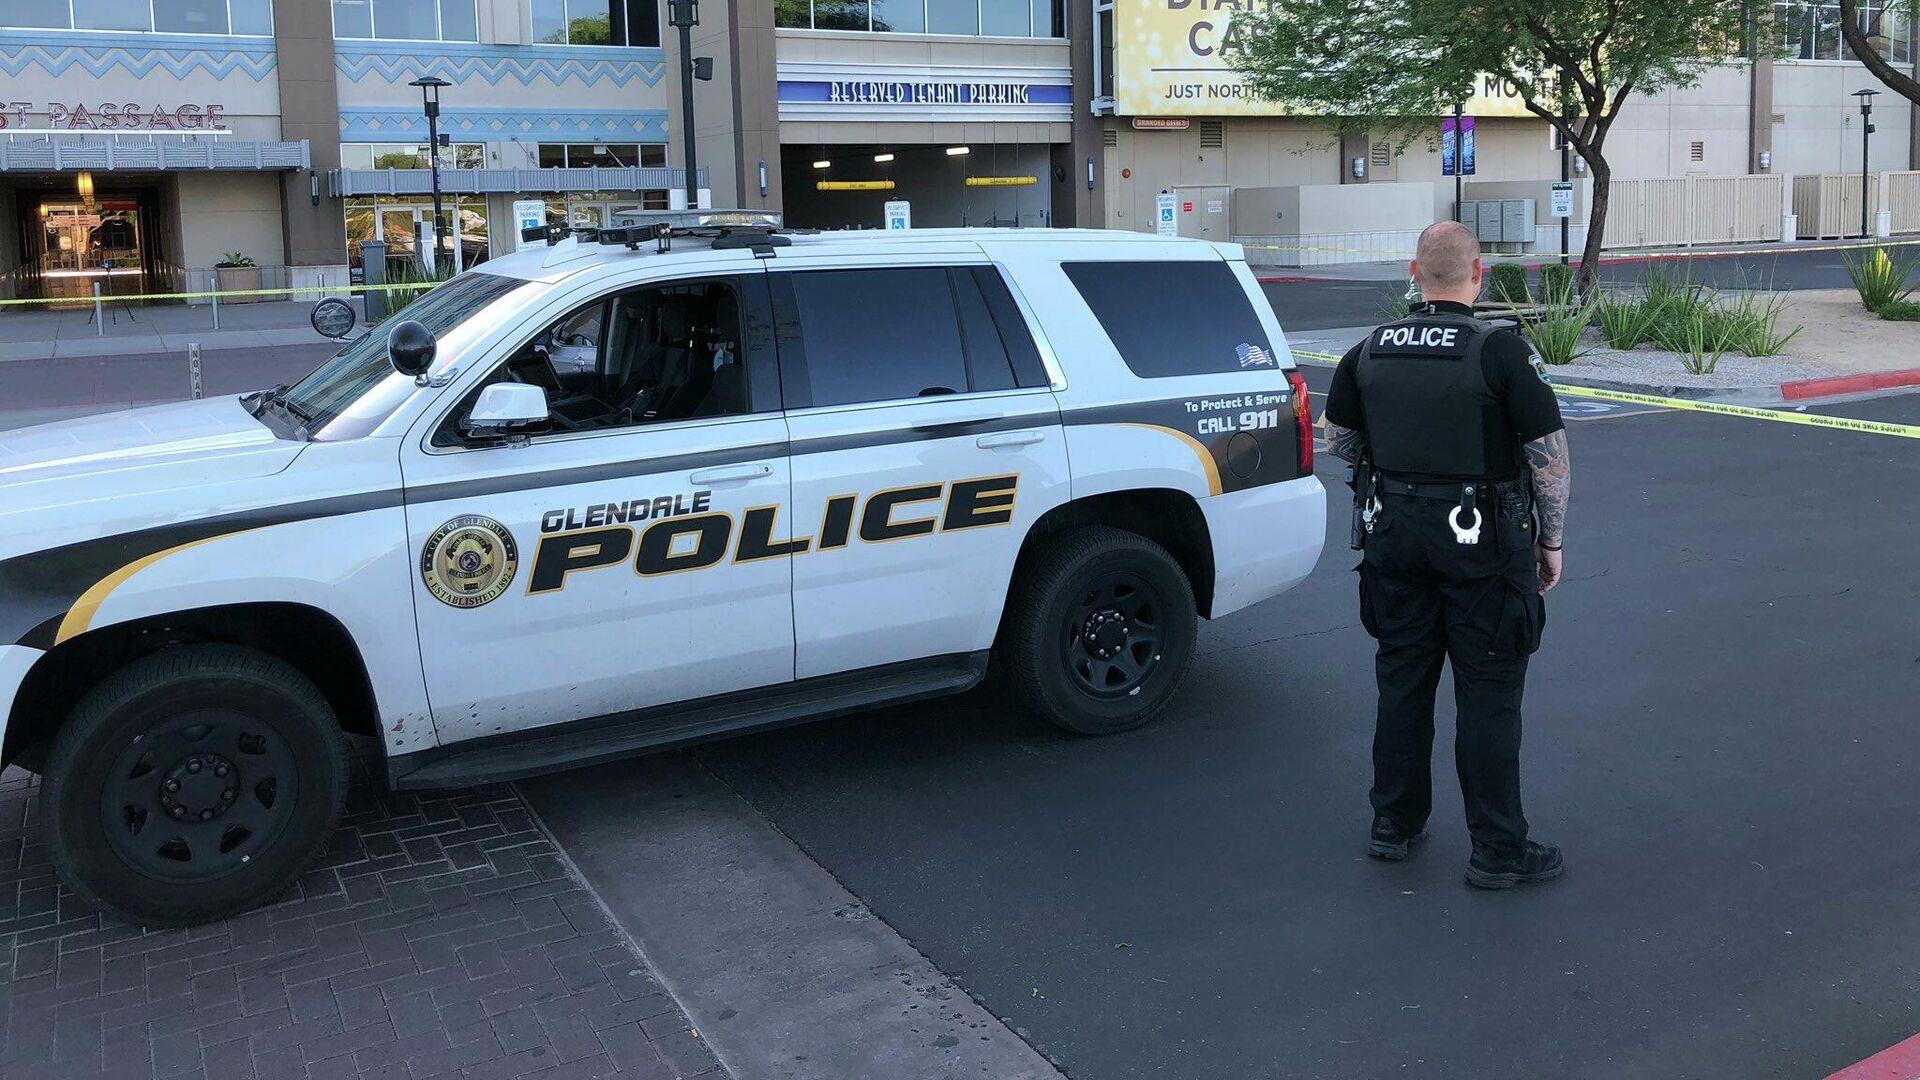 Полиция на месте стрельбы в торговом комплексе недалеко от американского города Финикс, штат Аризона - РИА Новости, 1920, 05.11.2020